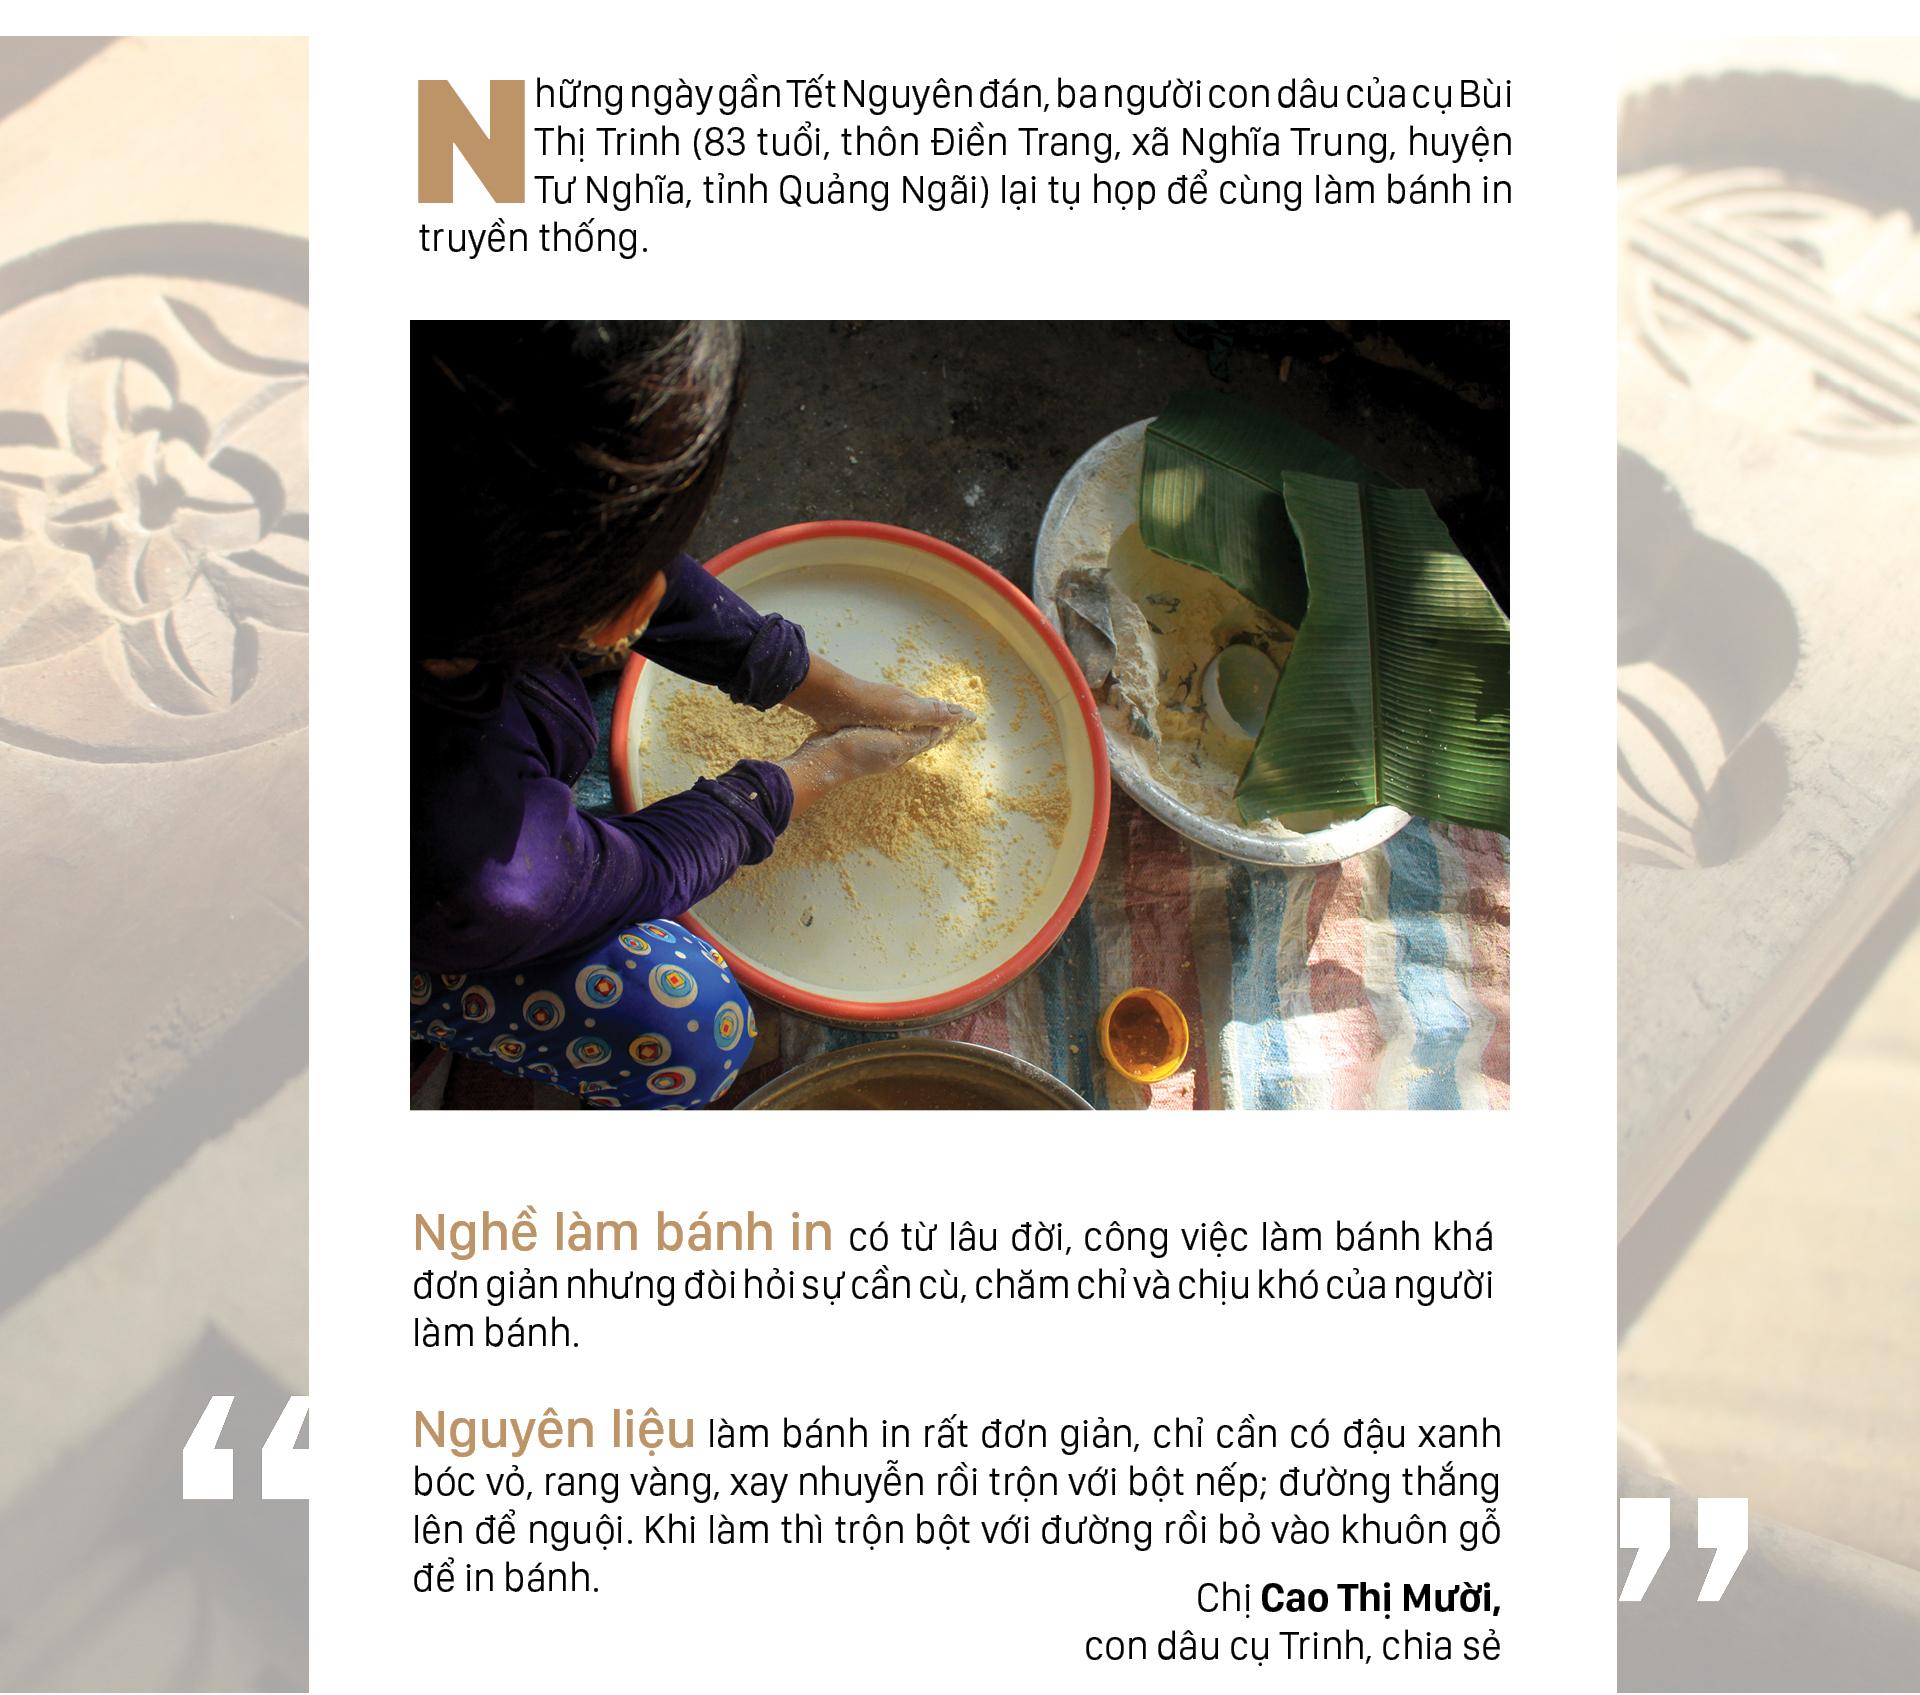 Gia đình hơn 4 đời gìn giữ nghề bánh in truyền thống ảnh 1